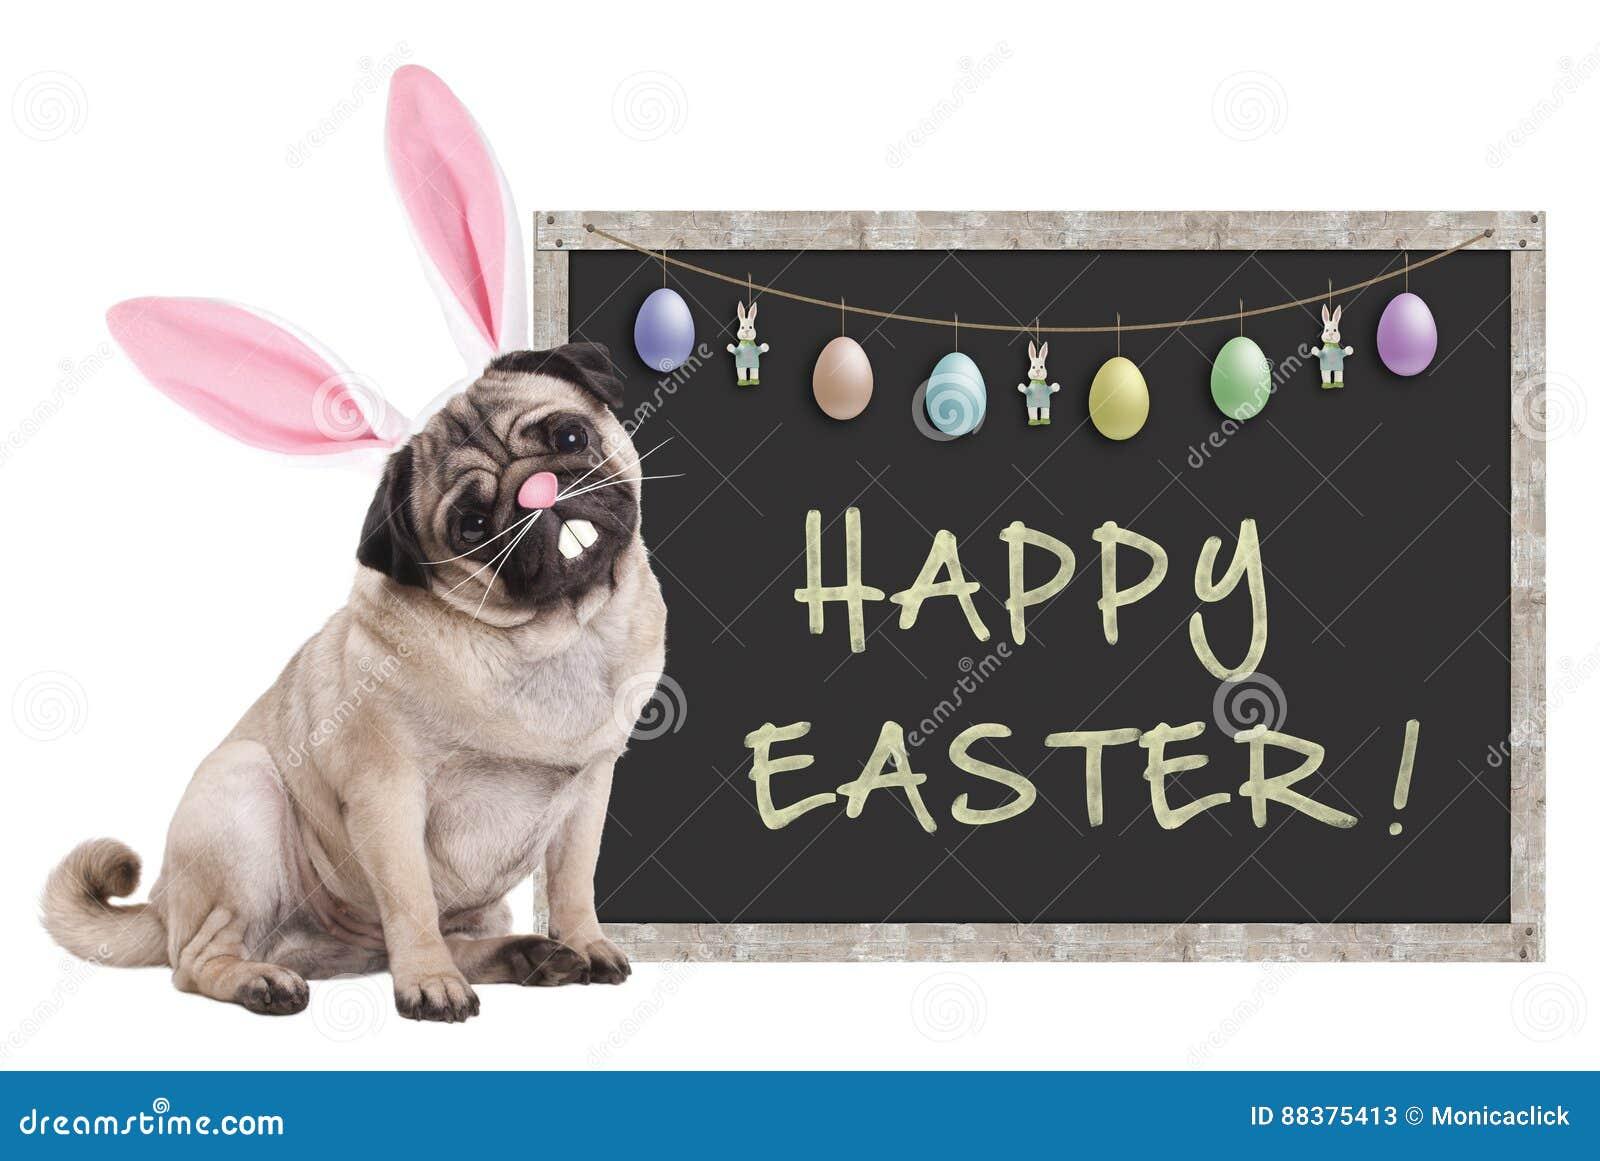 Cucciolo di cane del carlino con il diadema delle orecchie del coniglietto che si siede accanto al segno della lavagna con testo